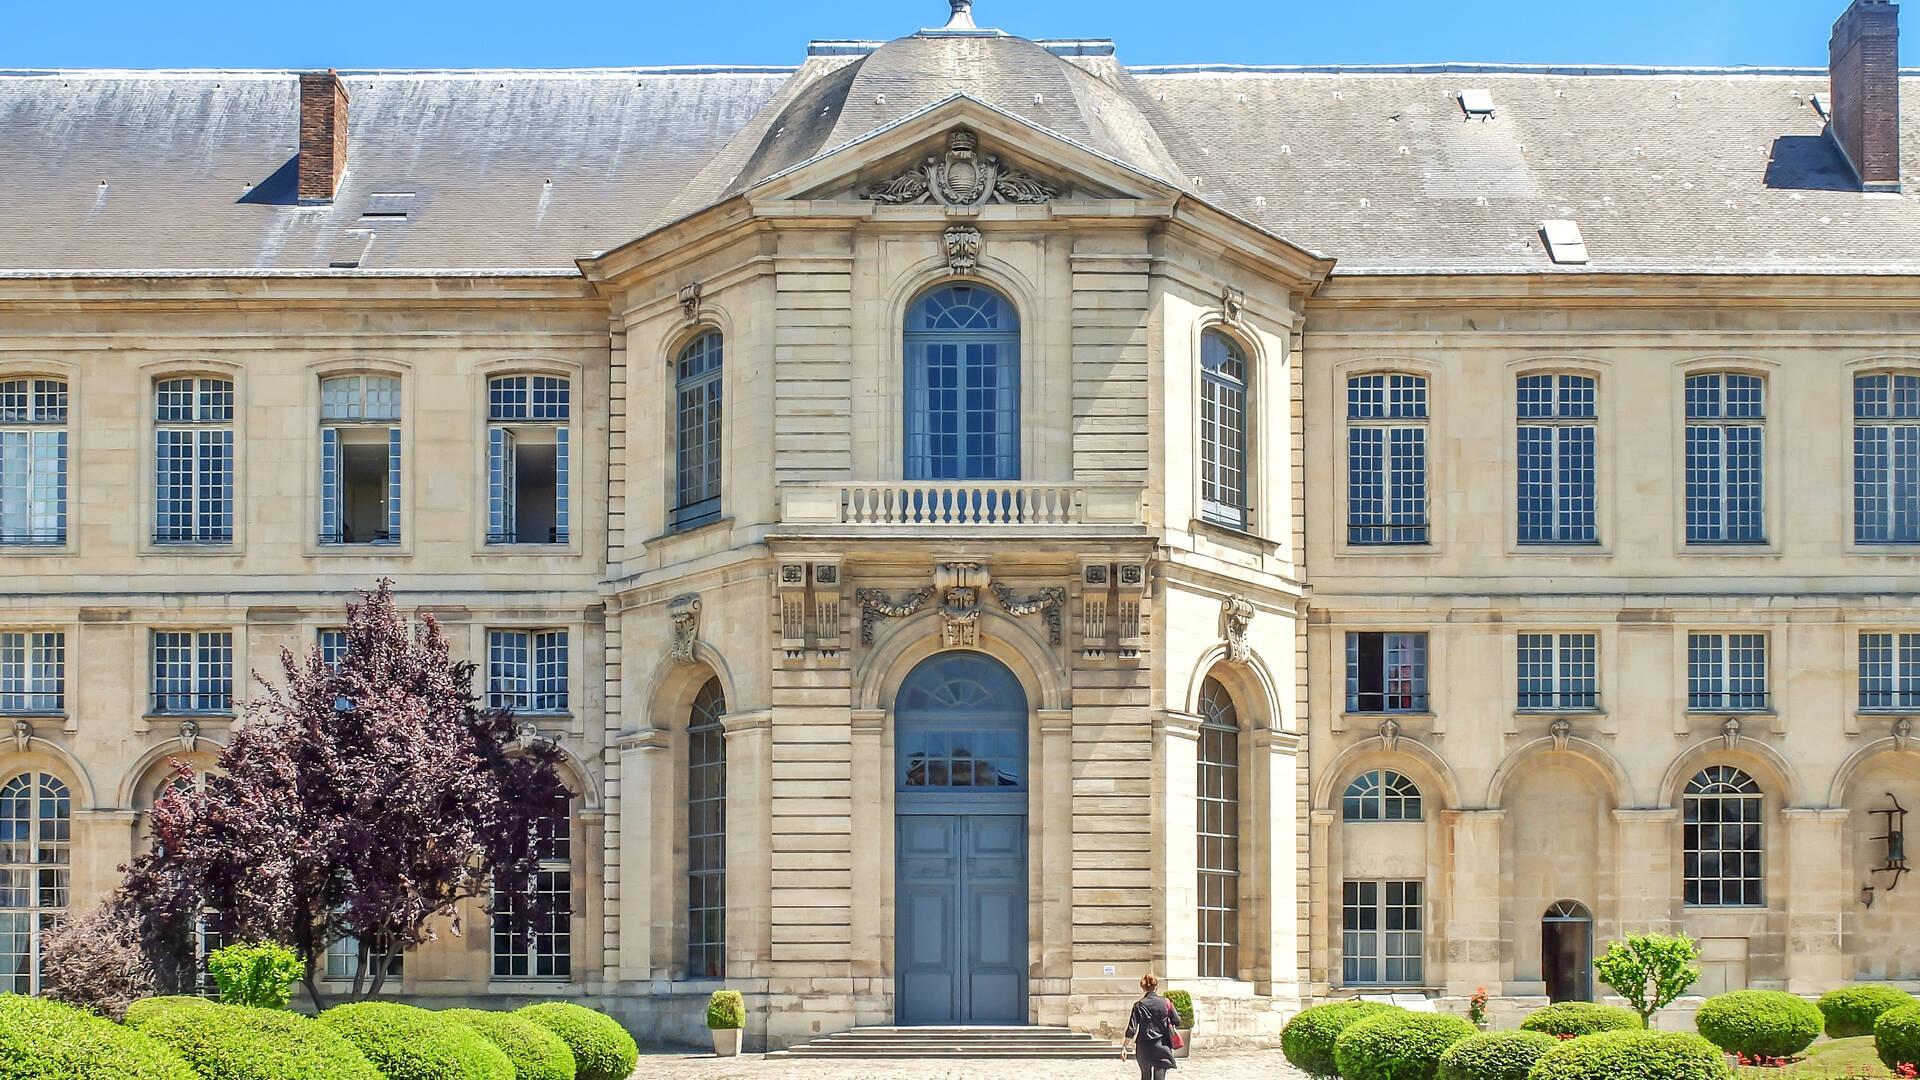 Casa de educación de la Legión de Honor en Saint-Denis -  llanura oficina de turismo de parís grand paris